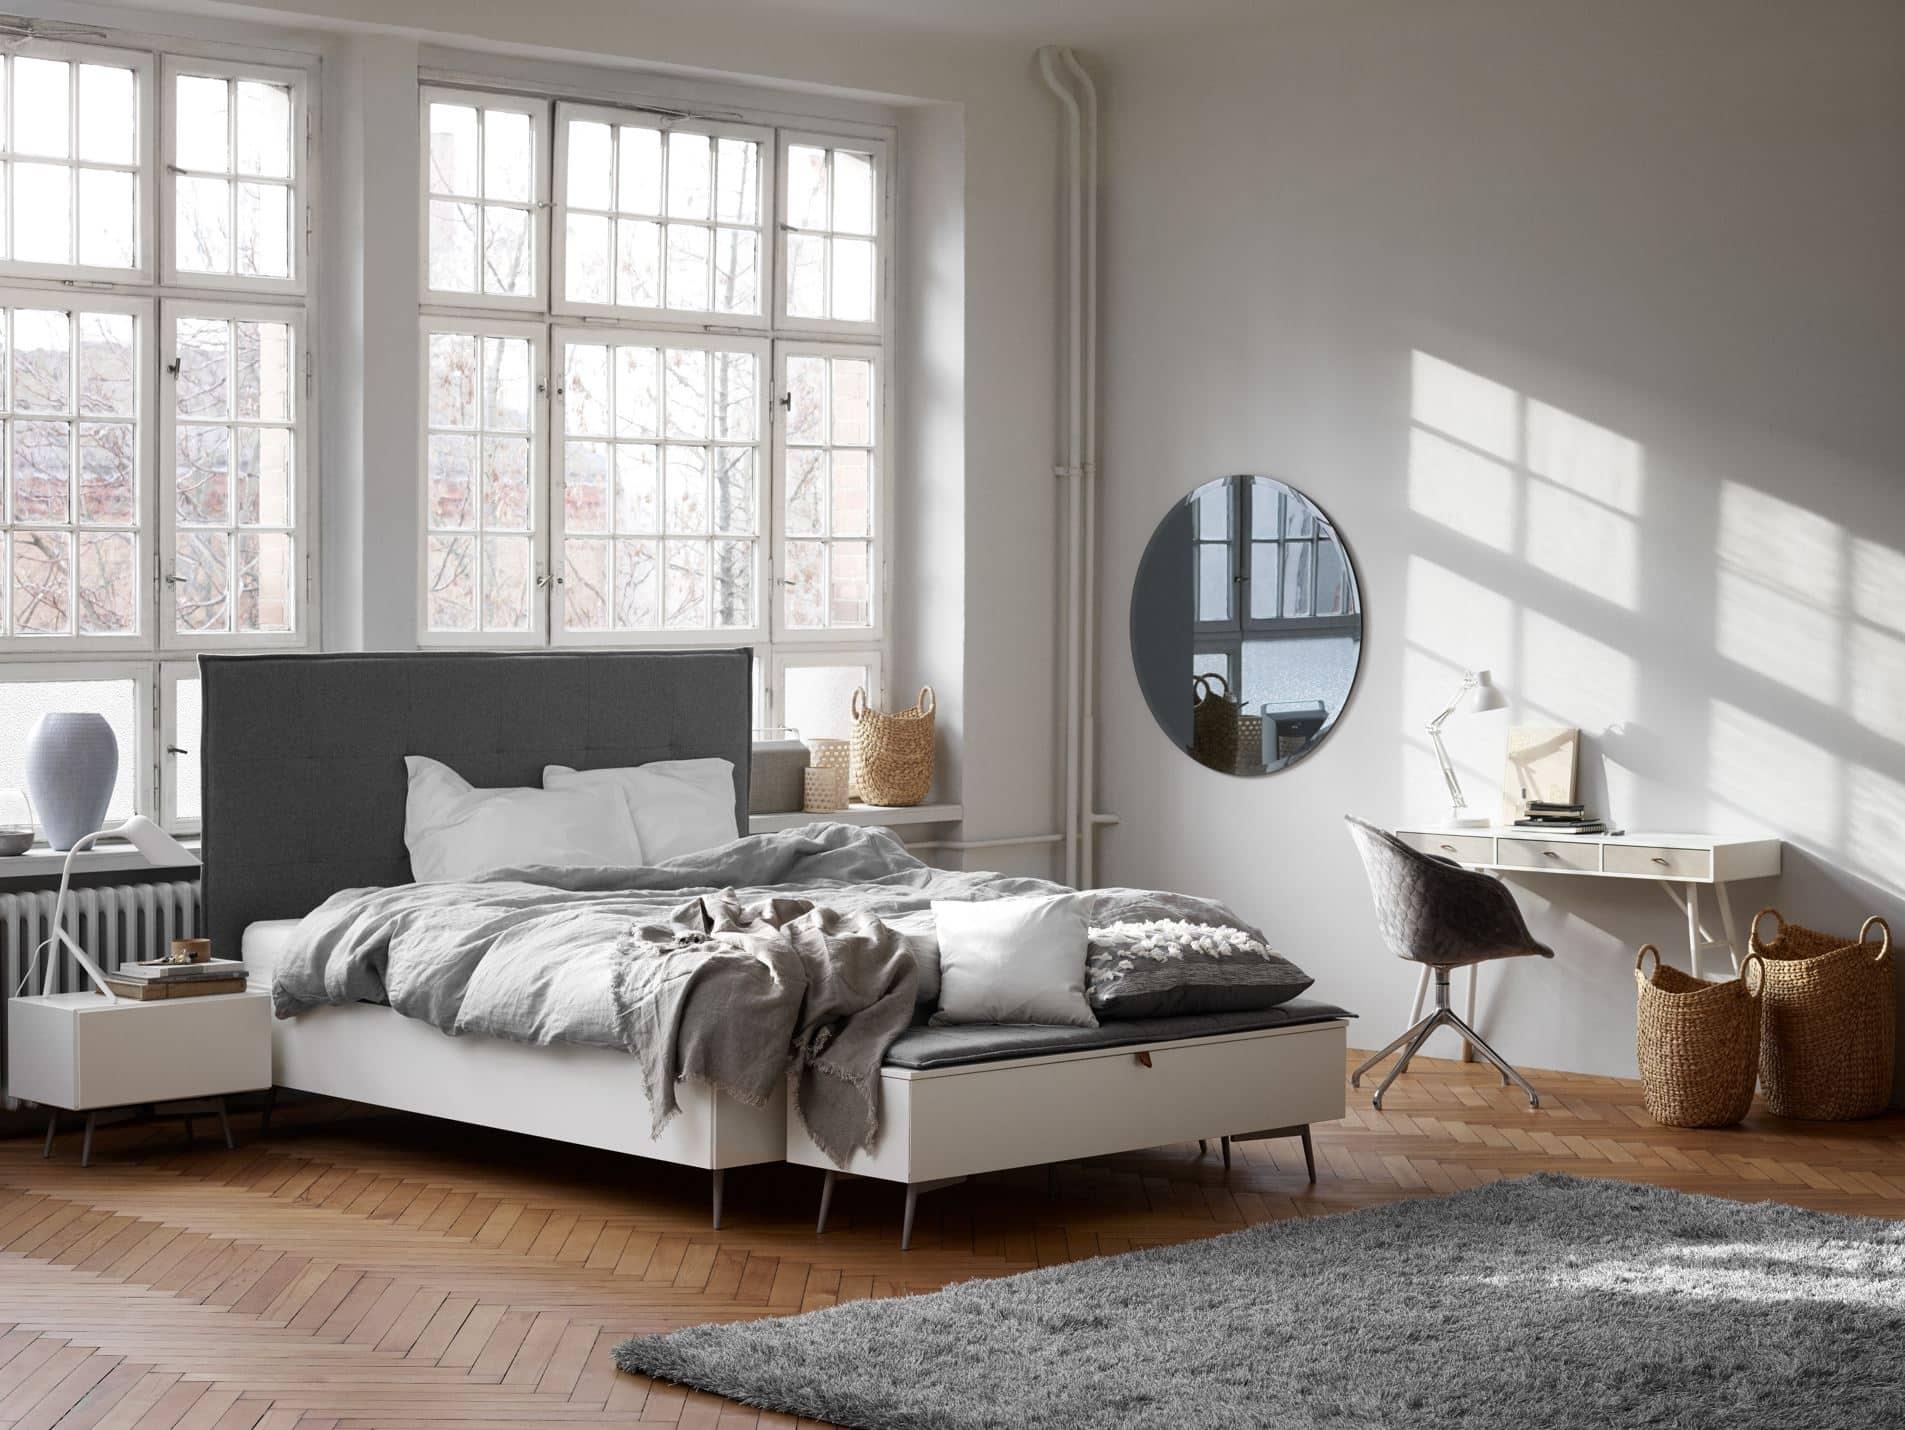 Full Size of Pappbett Ikea Betten Aufbewahrungstasche Mit Aufbewahrung 90x200 140x200 Bei Miniküche 160x200 Küche Kosten Sofa Schlaffunktion Kaufen Modulküche Wohnzimmer Pappbett Ikea